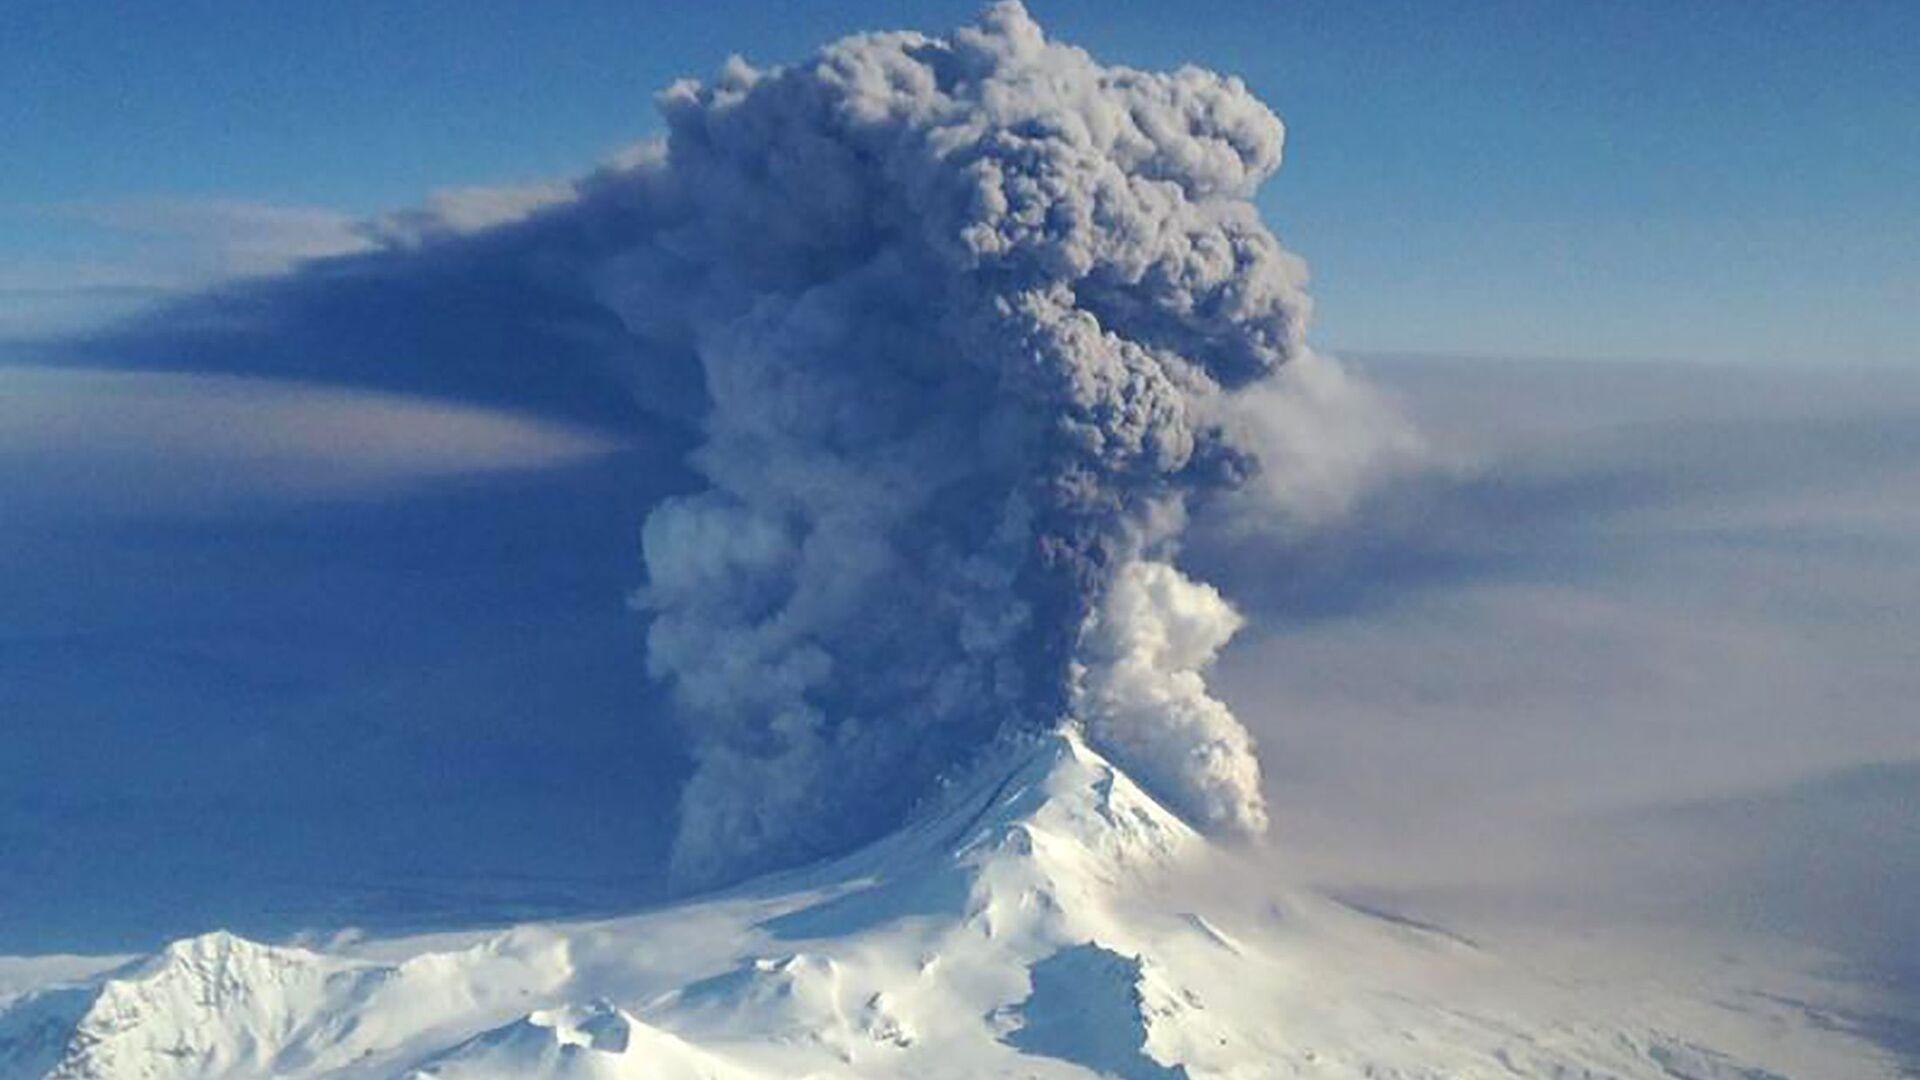 Извержение вулкана Павлова на Алеутских островах - Sputnik Italia, 1920, 26.05.2021